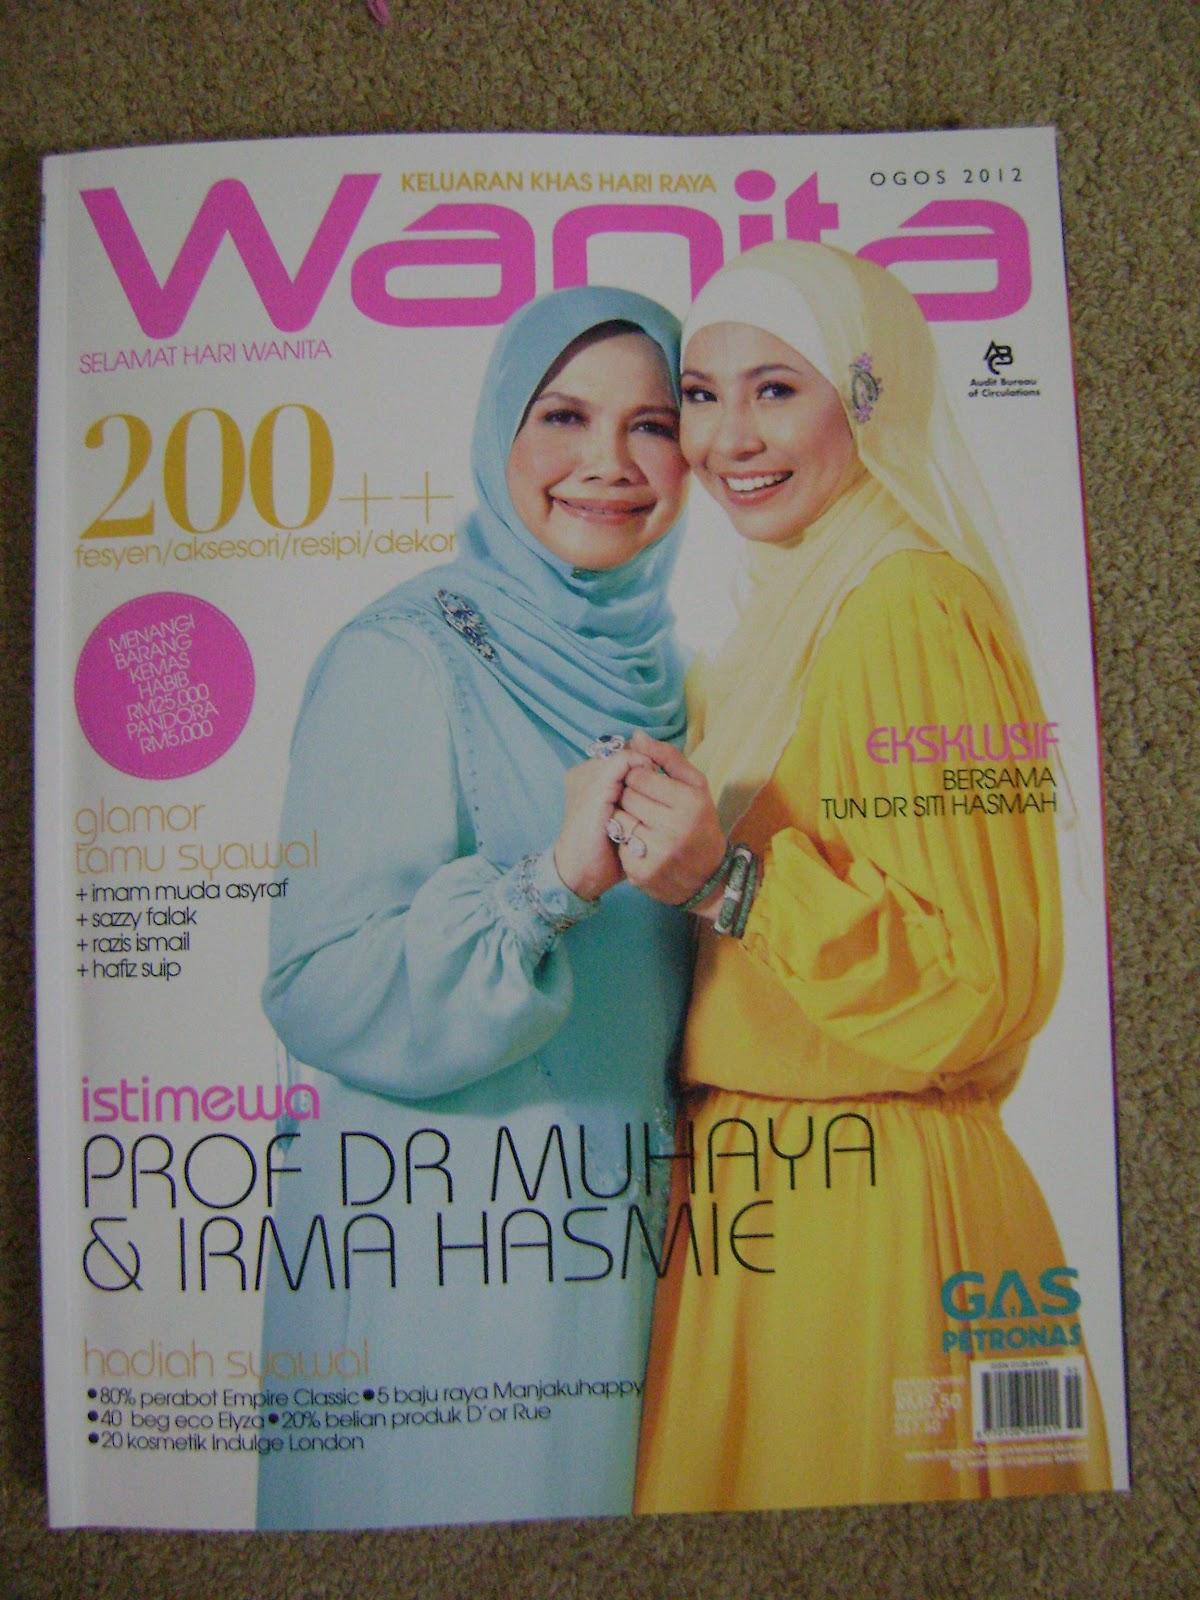 beli keluaran Ogos 2012 sebab surat saya tersiar dalam majalah Wanita